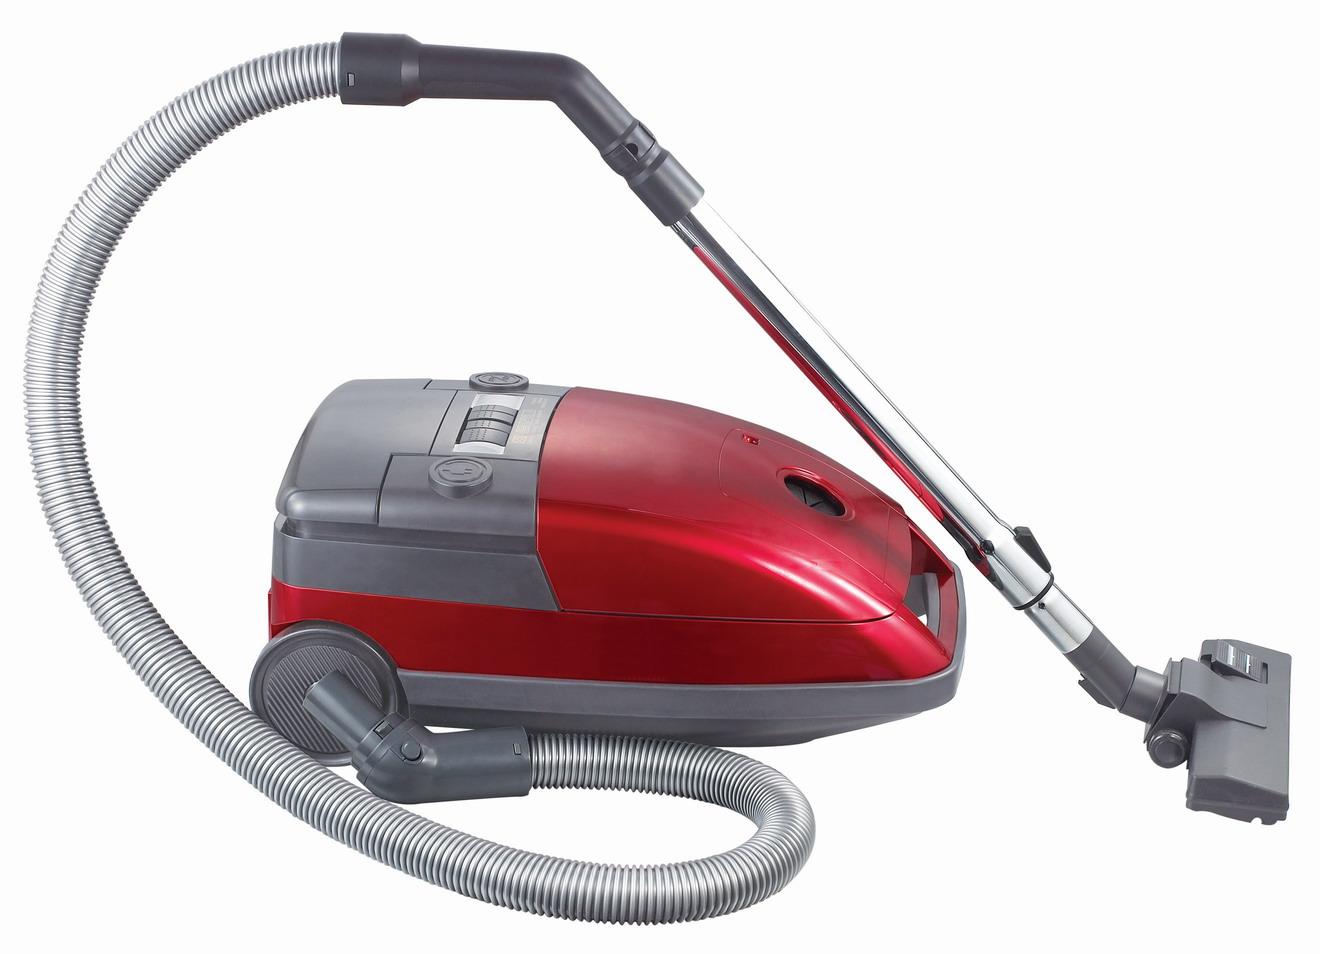 Vacuum Cleaner Repair (View 1 of 10)